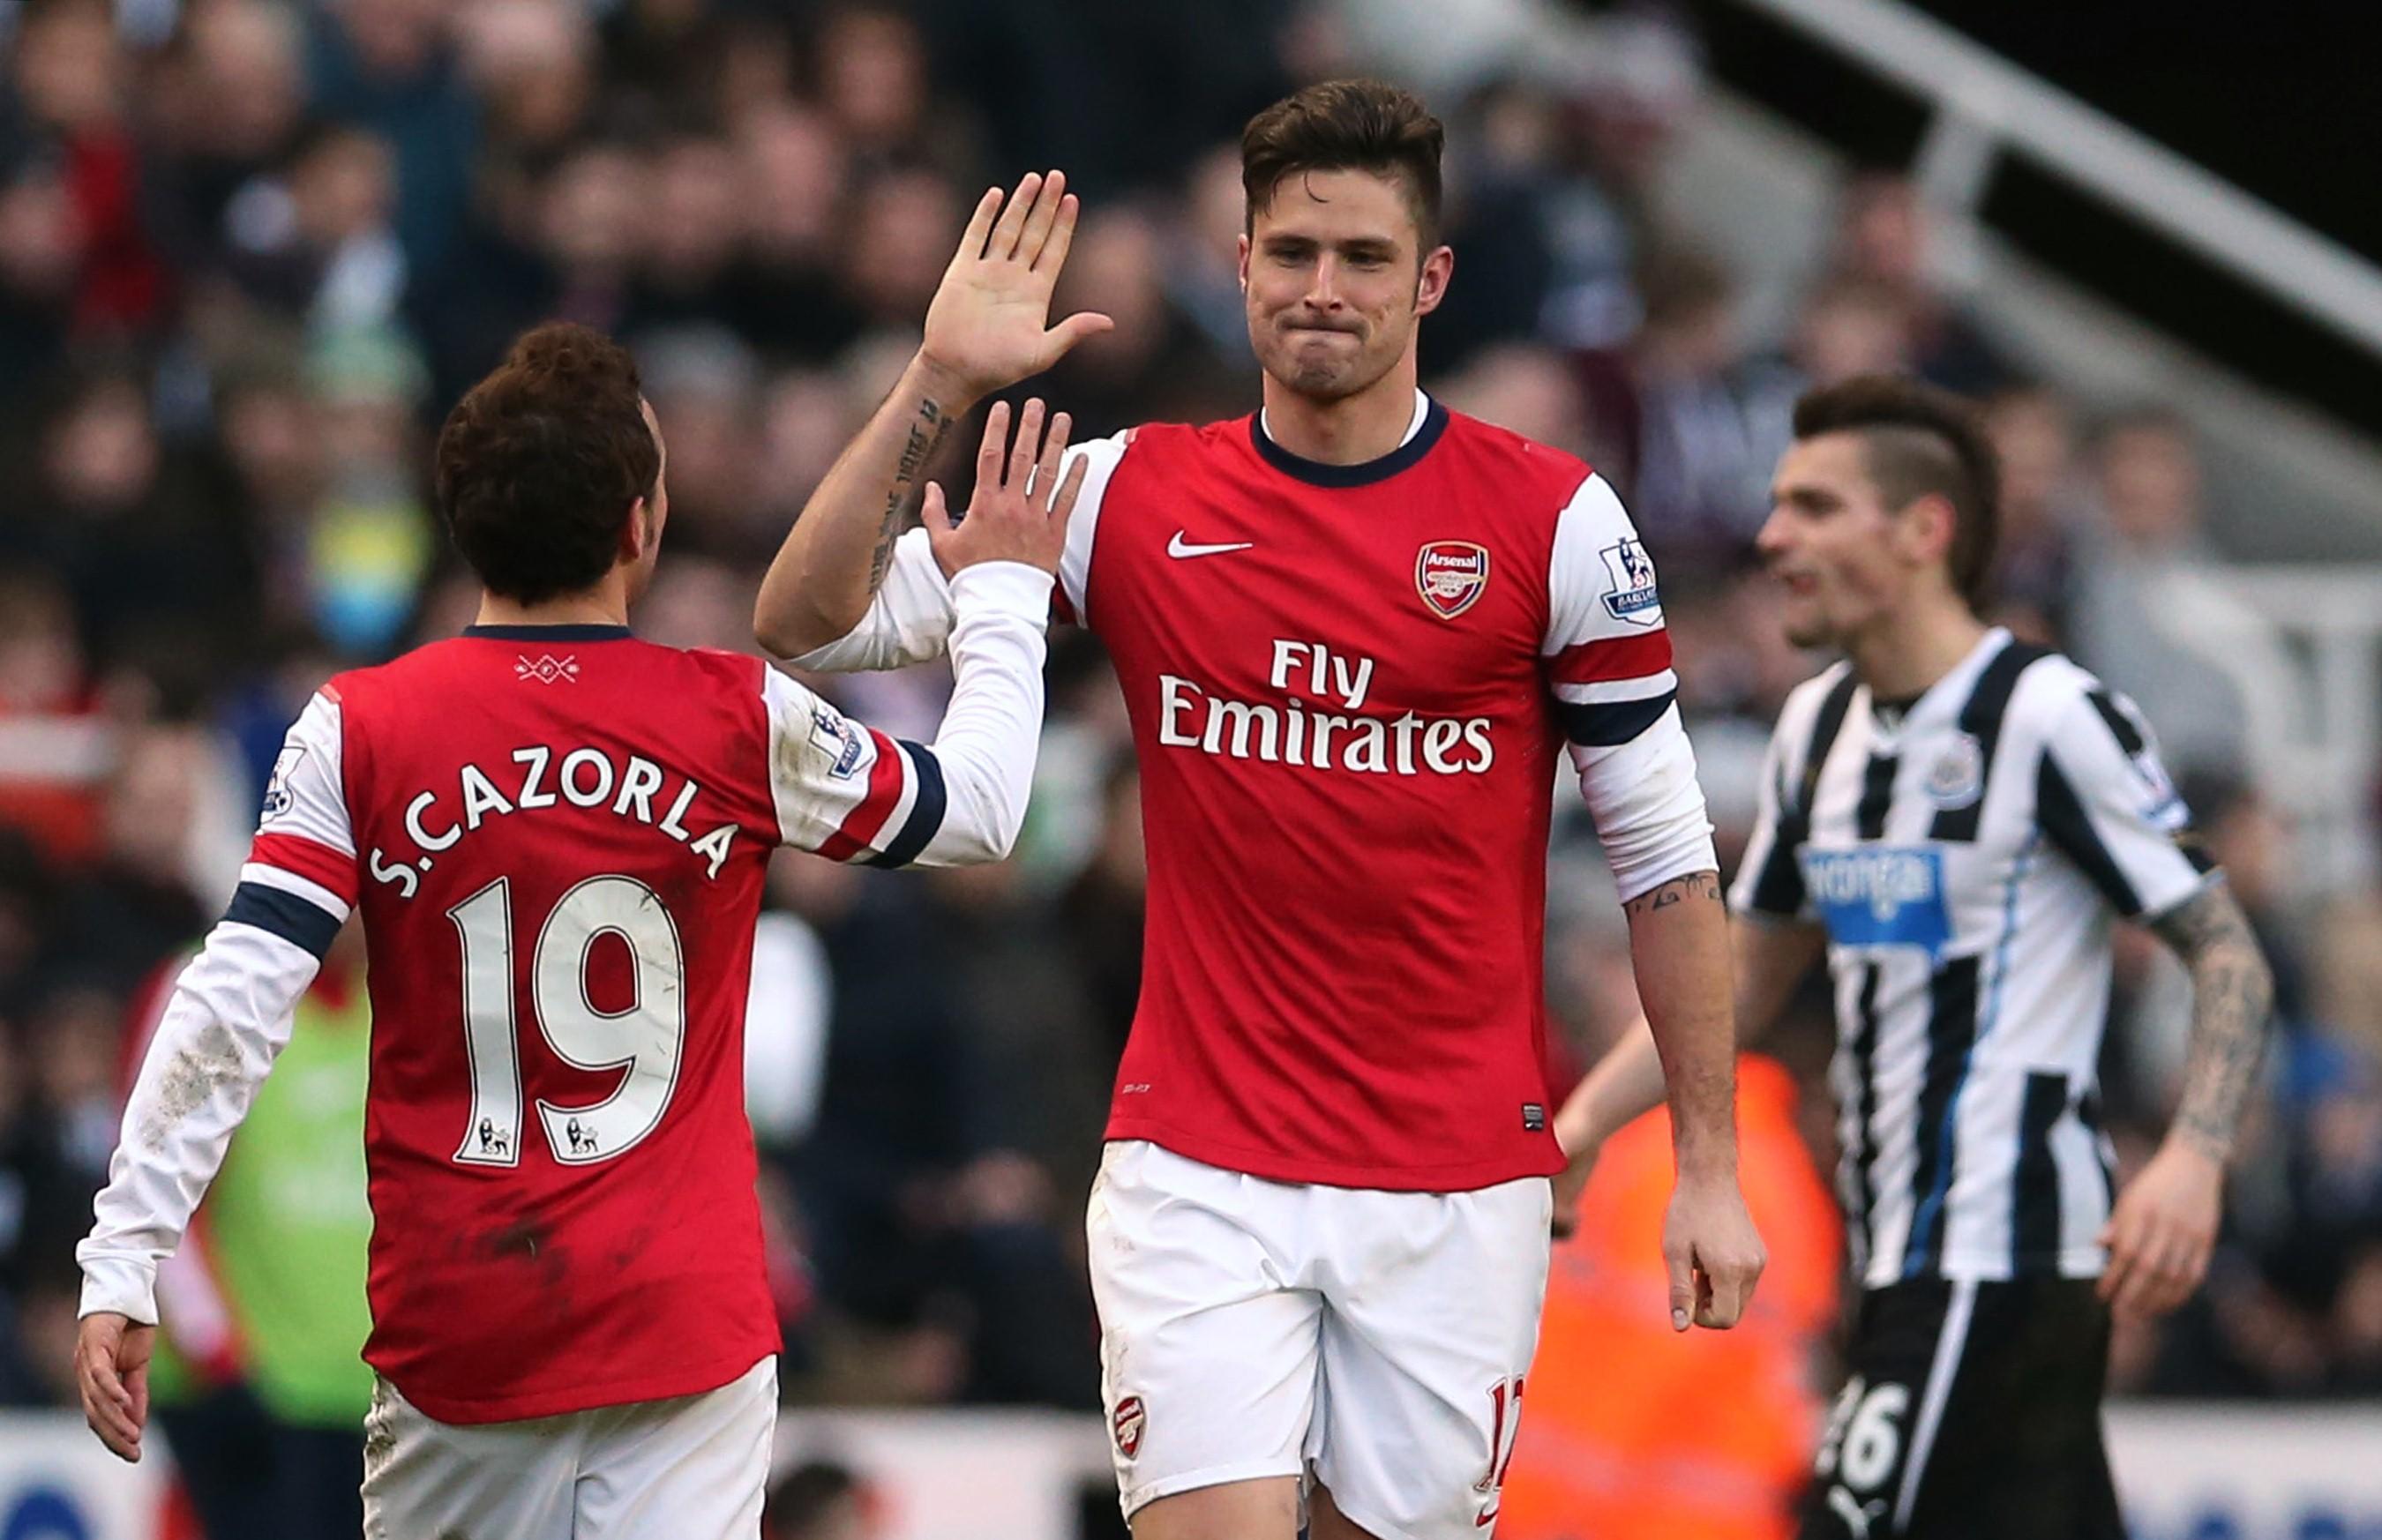 Arsenal newcastle united maçını canlı izle canlı takip et